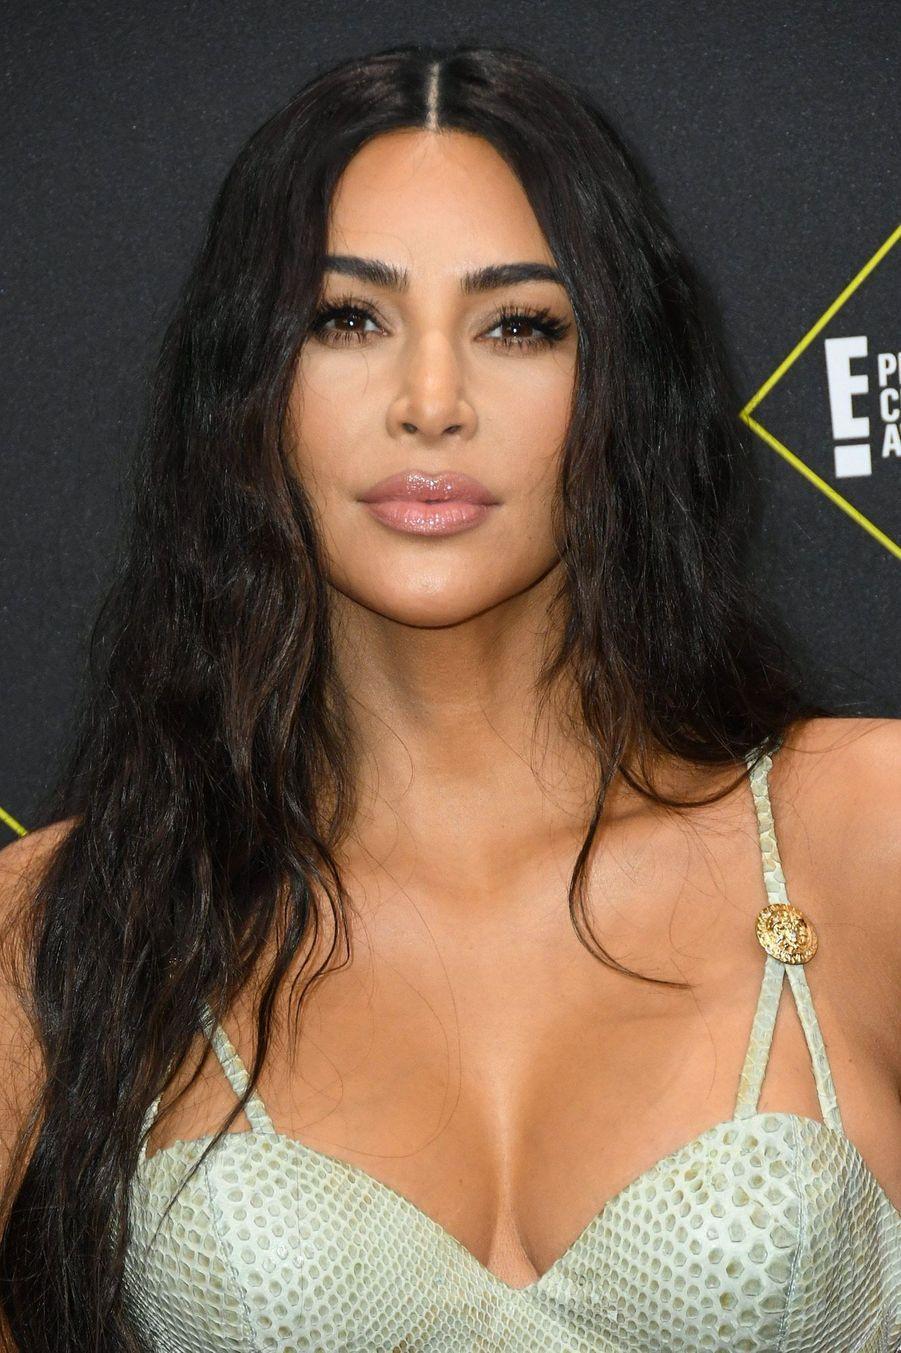 Kim Kardashian à la 45ème cérémonie des People's Choice Awards, à Santa Monica (Californie), le 10 novembre 2019.